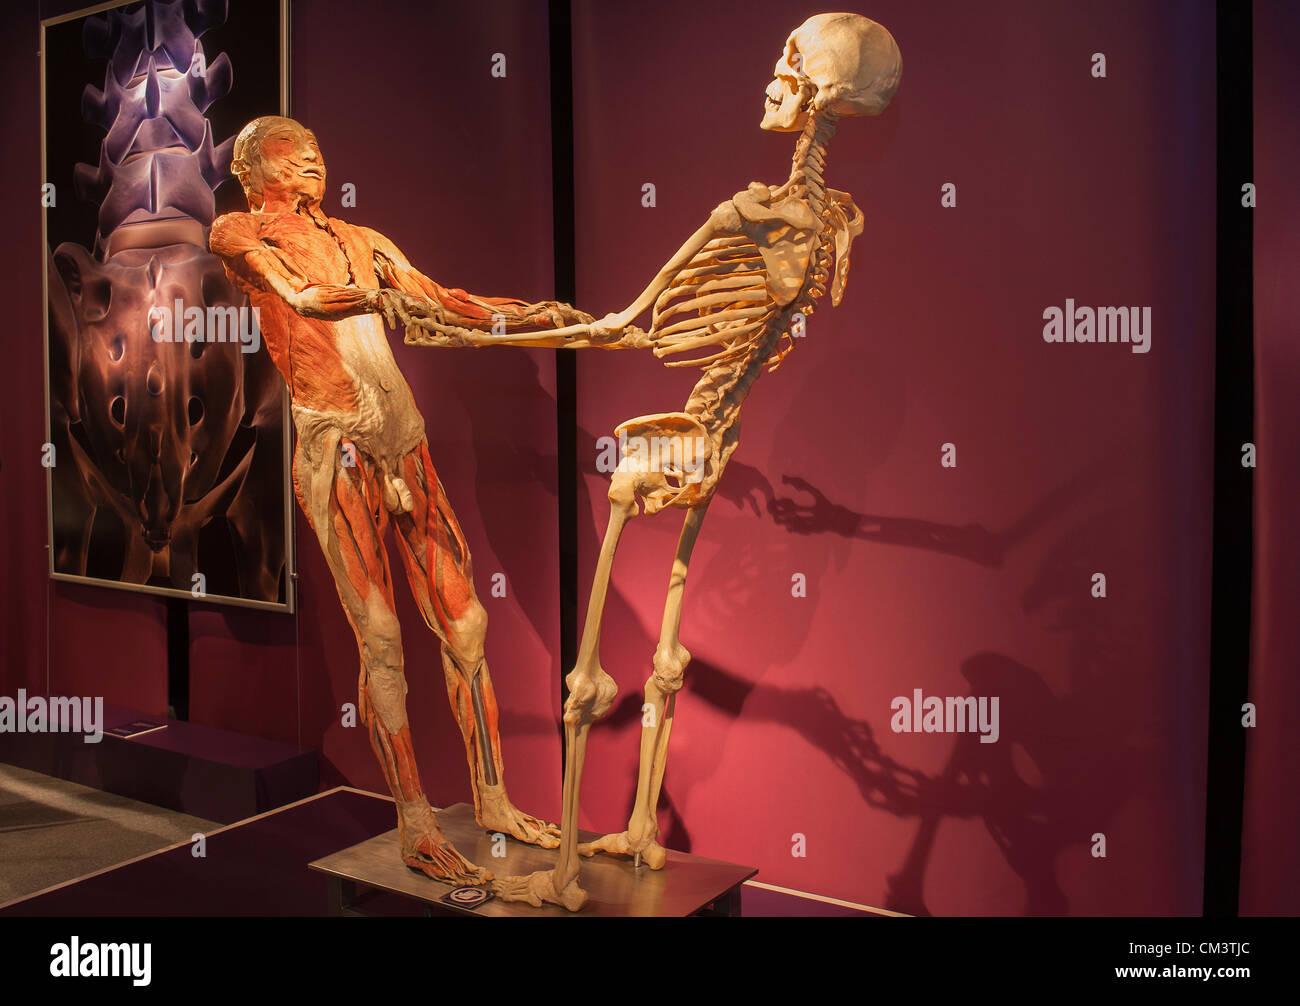 Groß Kleinste Knochen Im Körper Bilder - Menschliche Anatomie Bilder ...